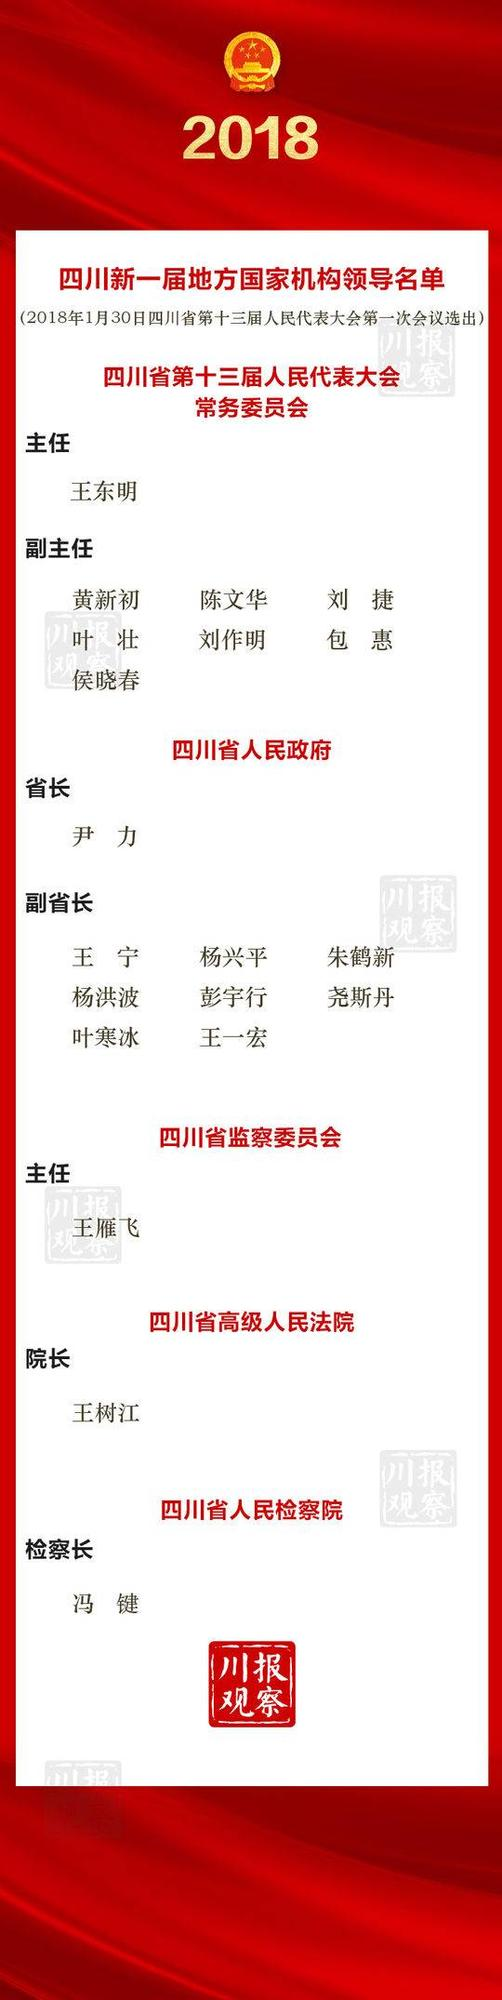 一图收藏!四川新一届地方国家机构领导名单出炉